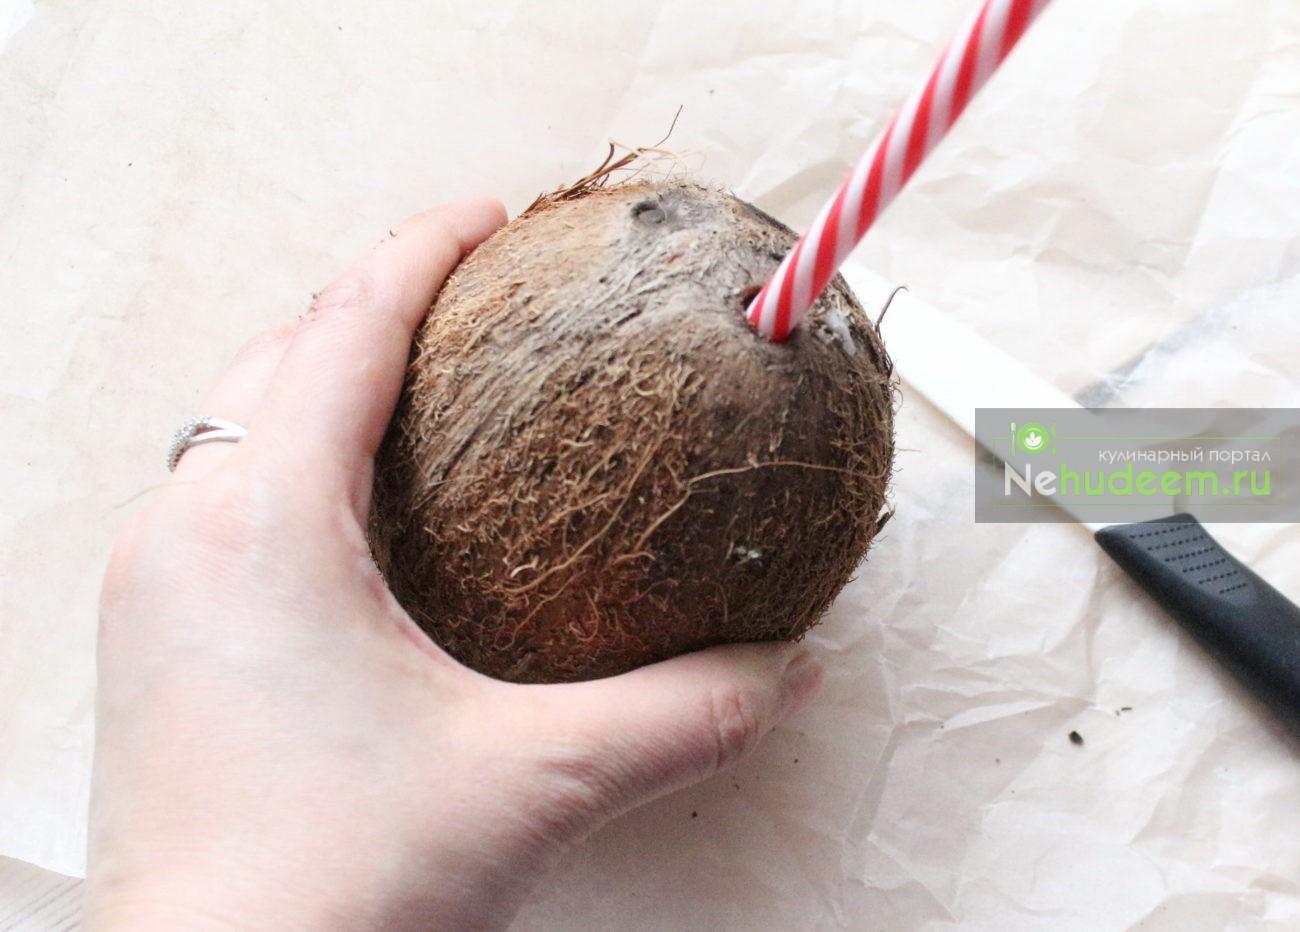 Как расколоть кокос в домашних условиях: инструкция 32